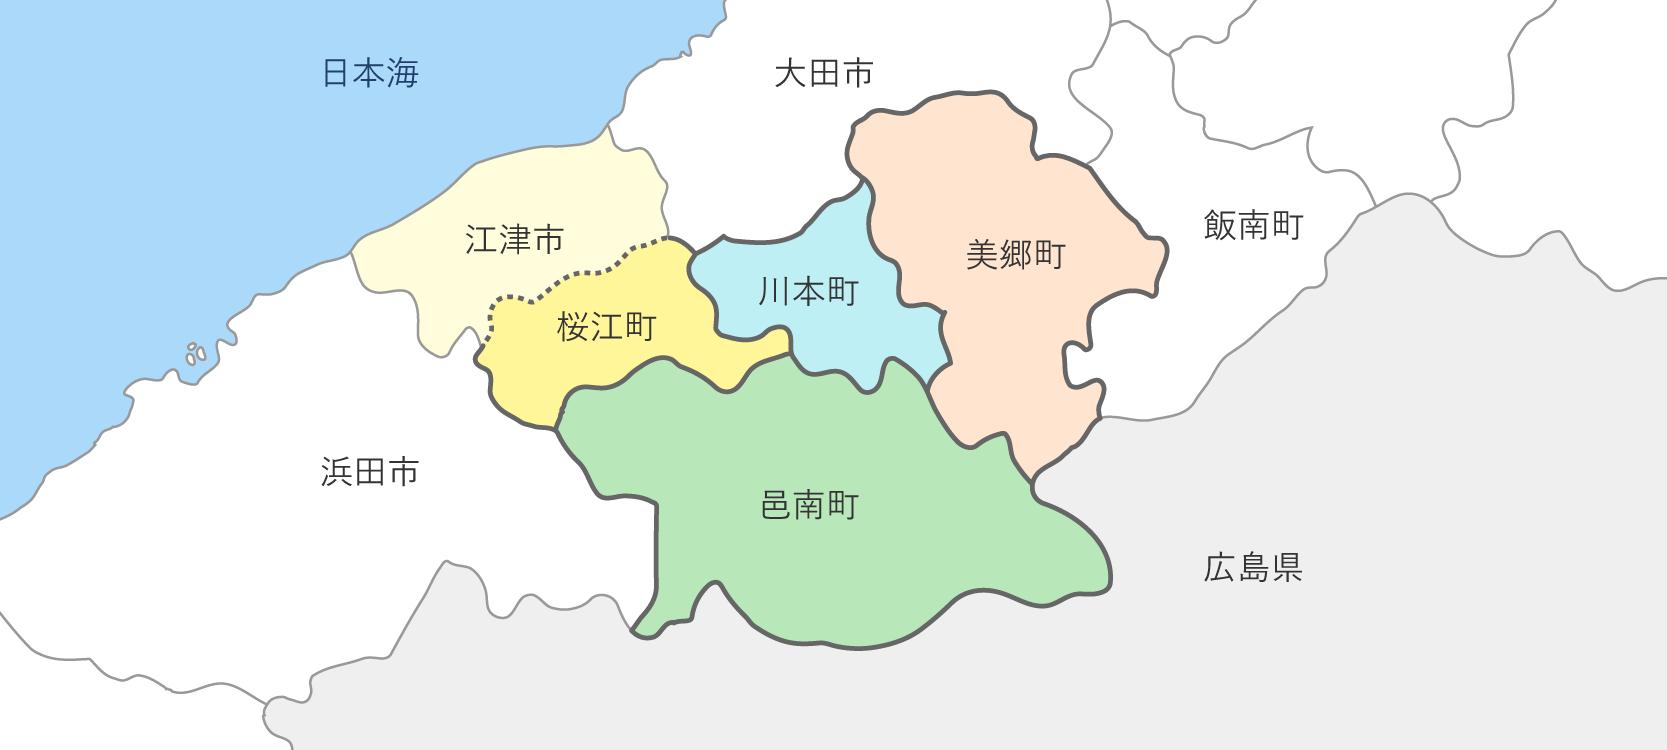 おおち・さくらえ地域のエリアマップ